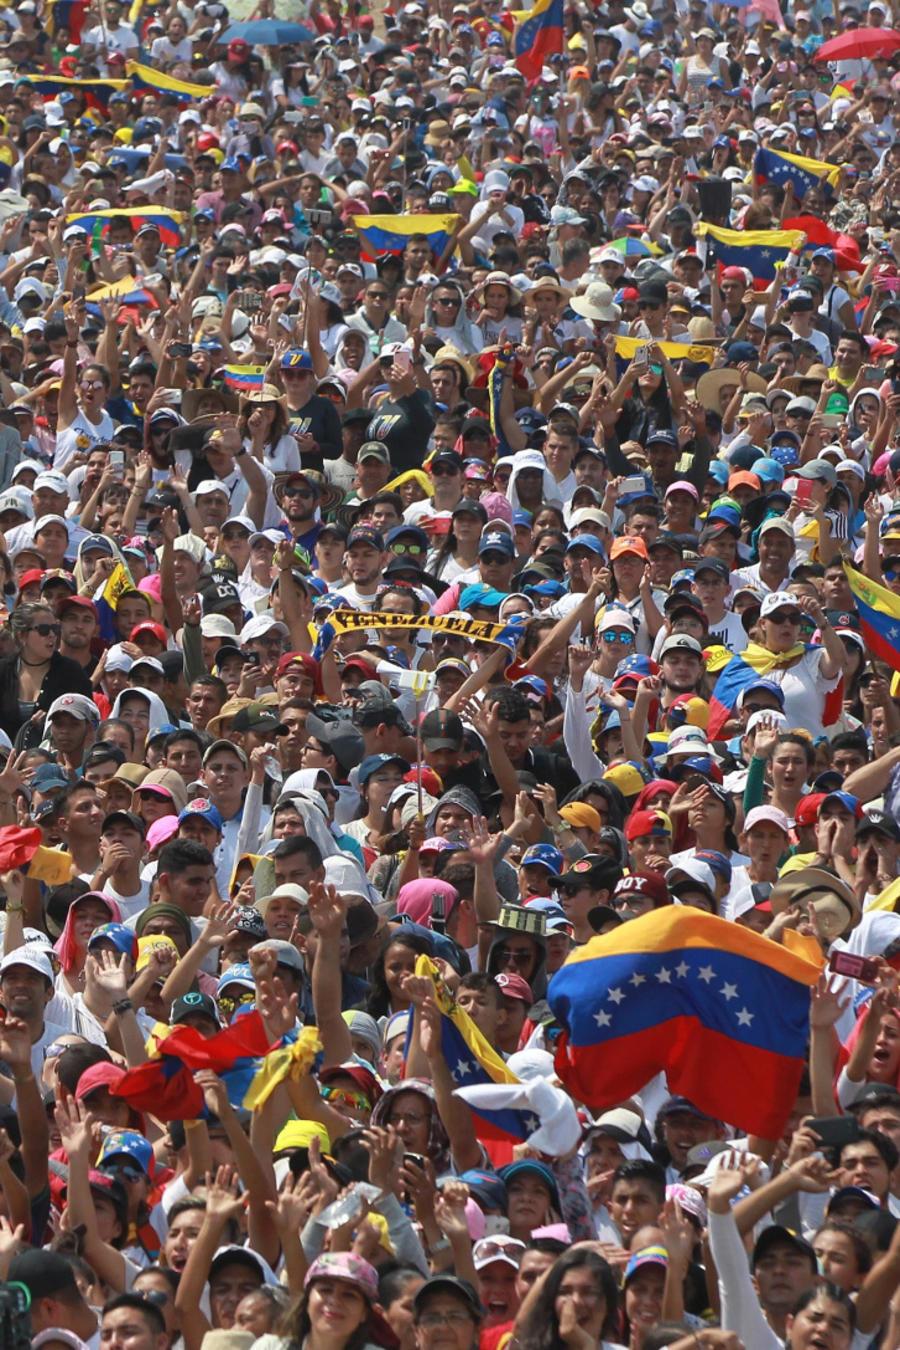 El mundo mira expectante a Venezuela ante la posible entrada de ayuda humanitaria